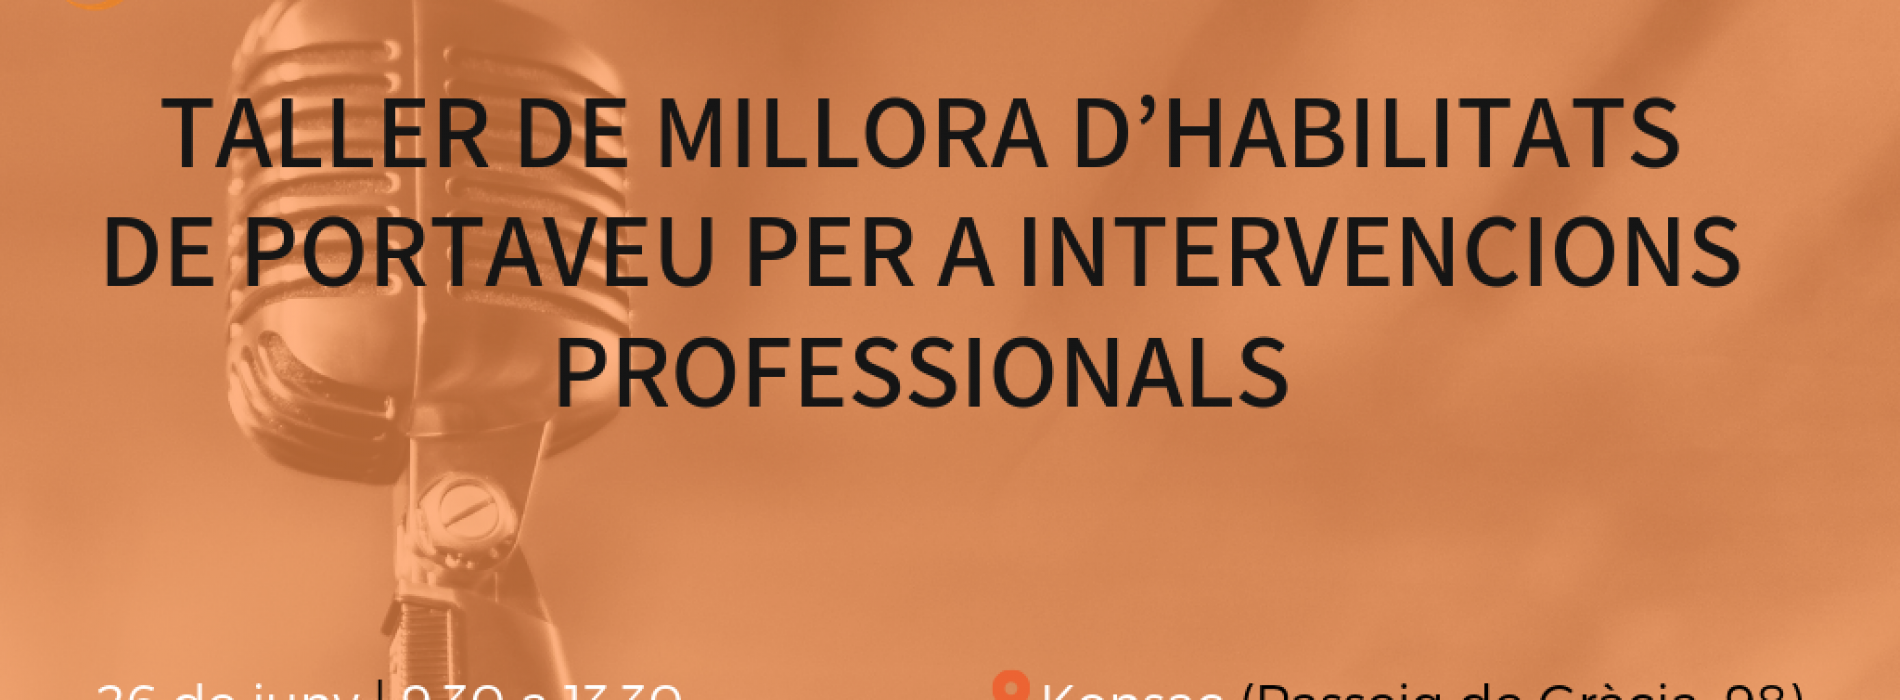 Taller de millora d'habilitats de portaveu per a intervencions professionals